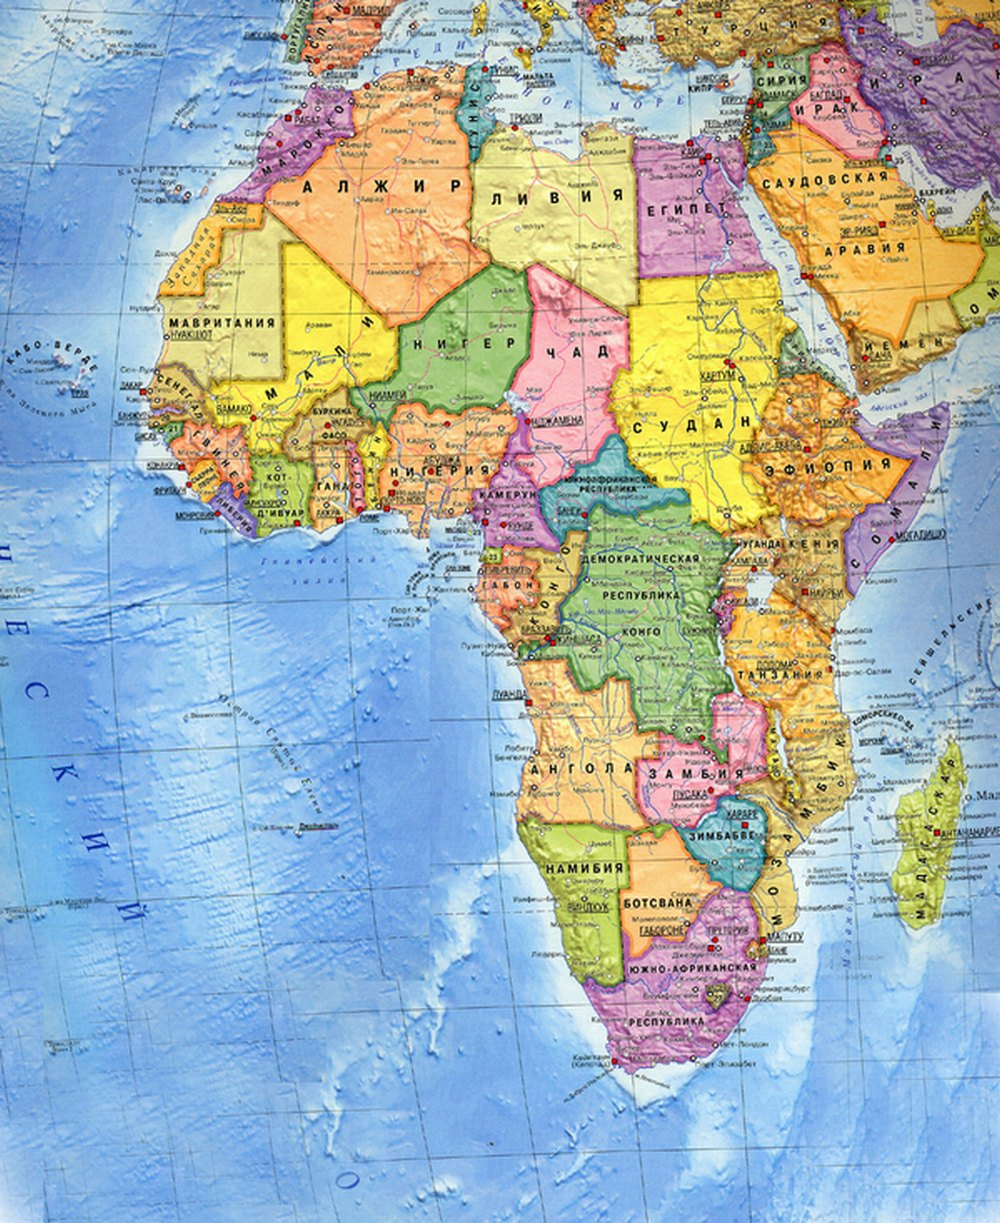 Смотреть карту африки из школьного атласа 6 класса